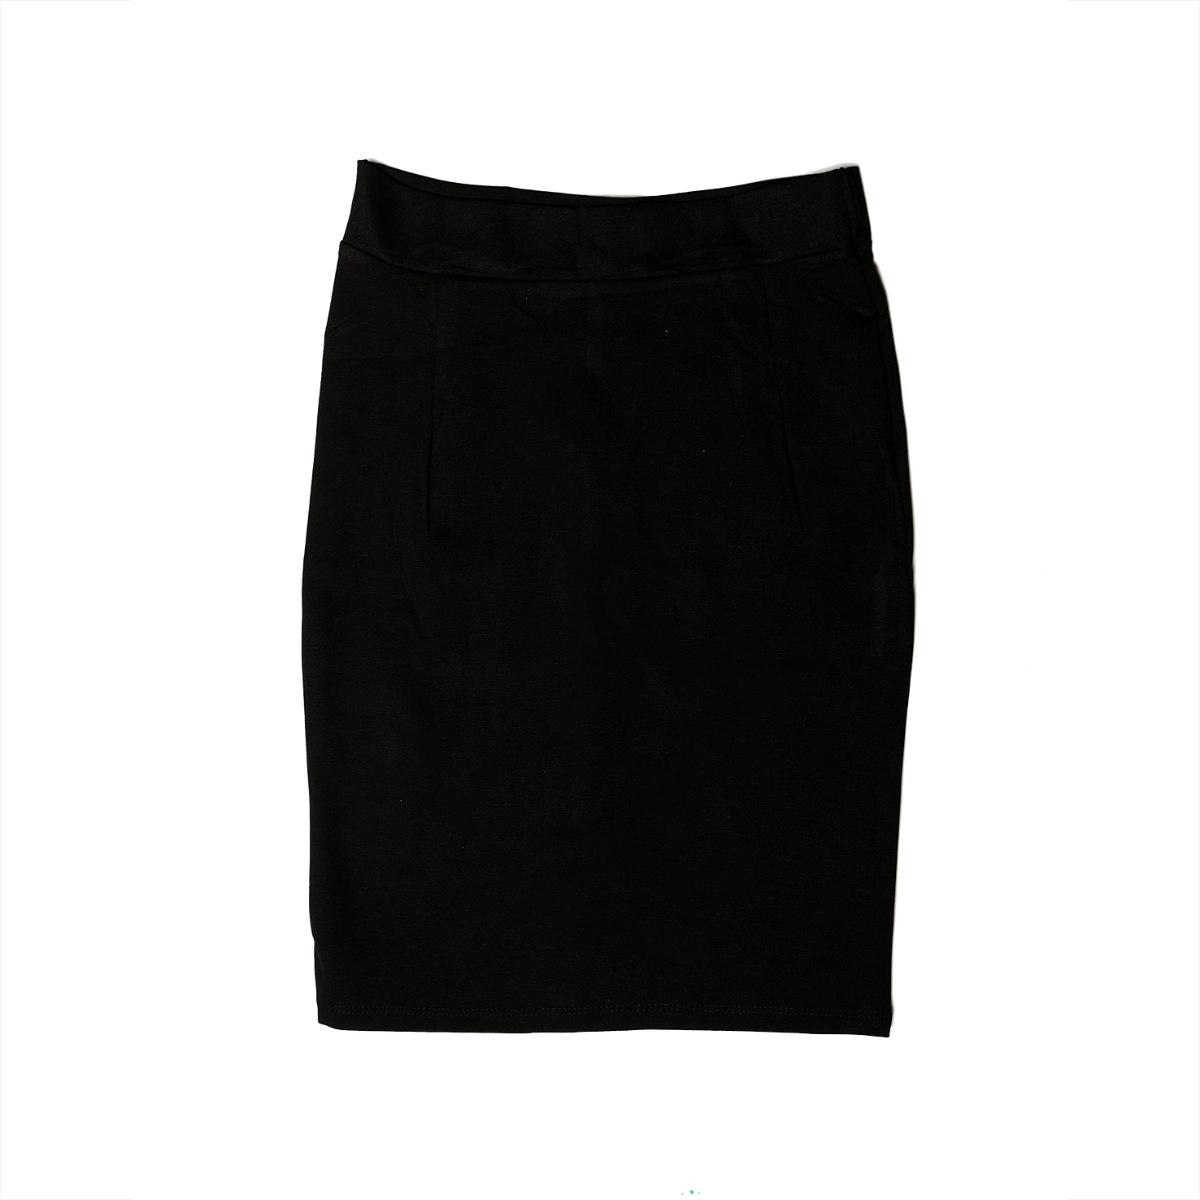 חצאית ג'רסי נשים שחורה